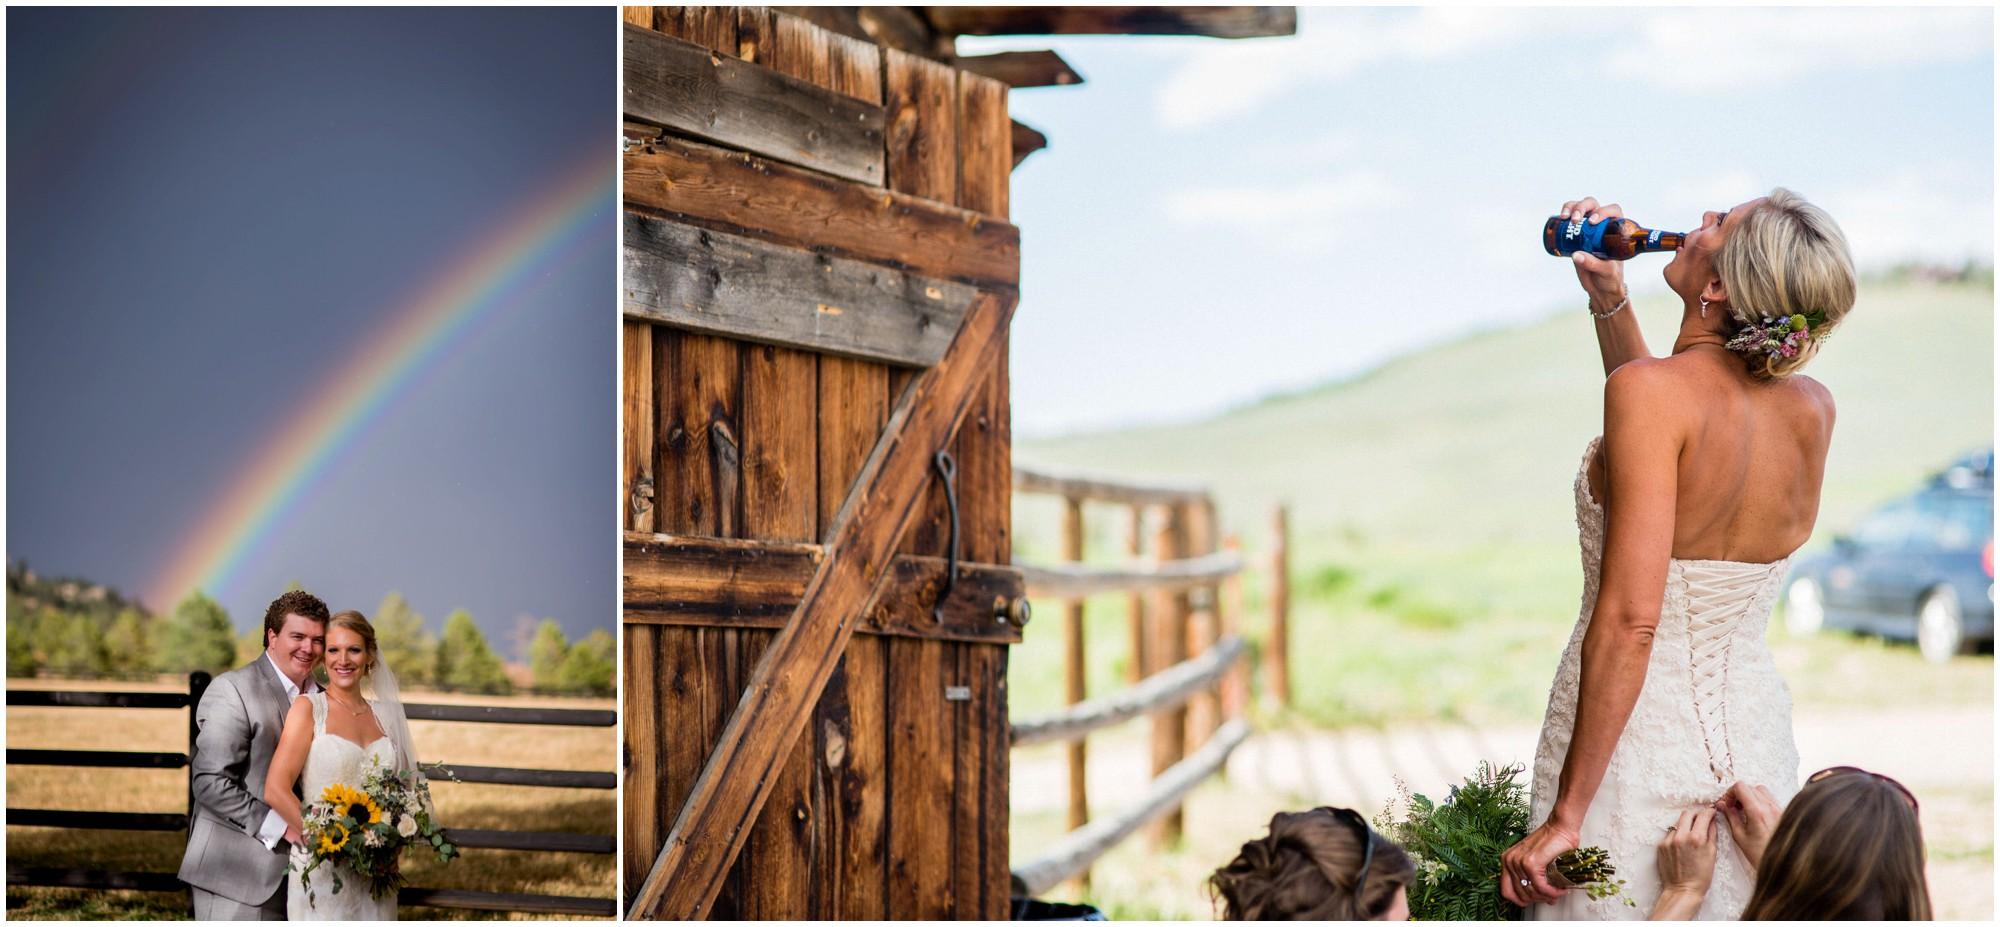 561-Spruce-mountain-ranch-colorado-wedding-photography.jpg